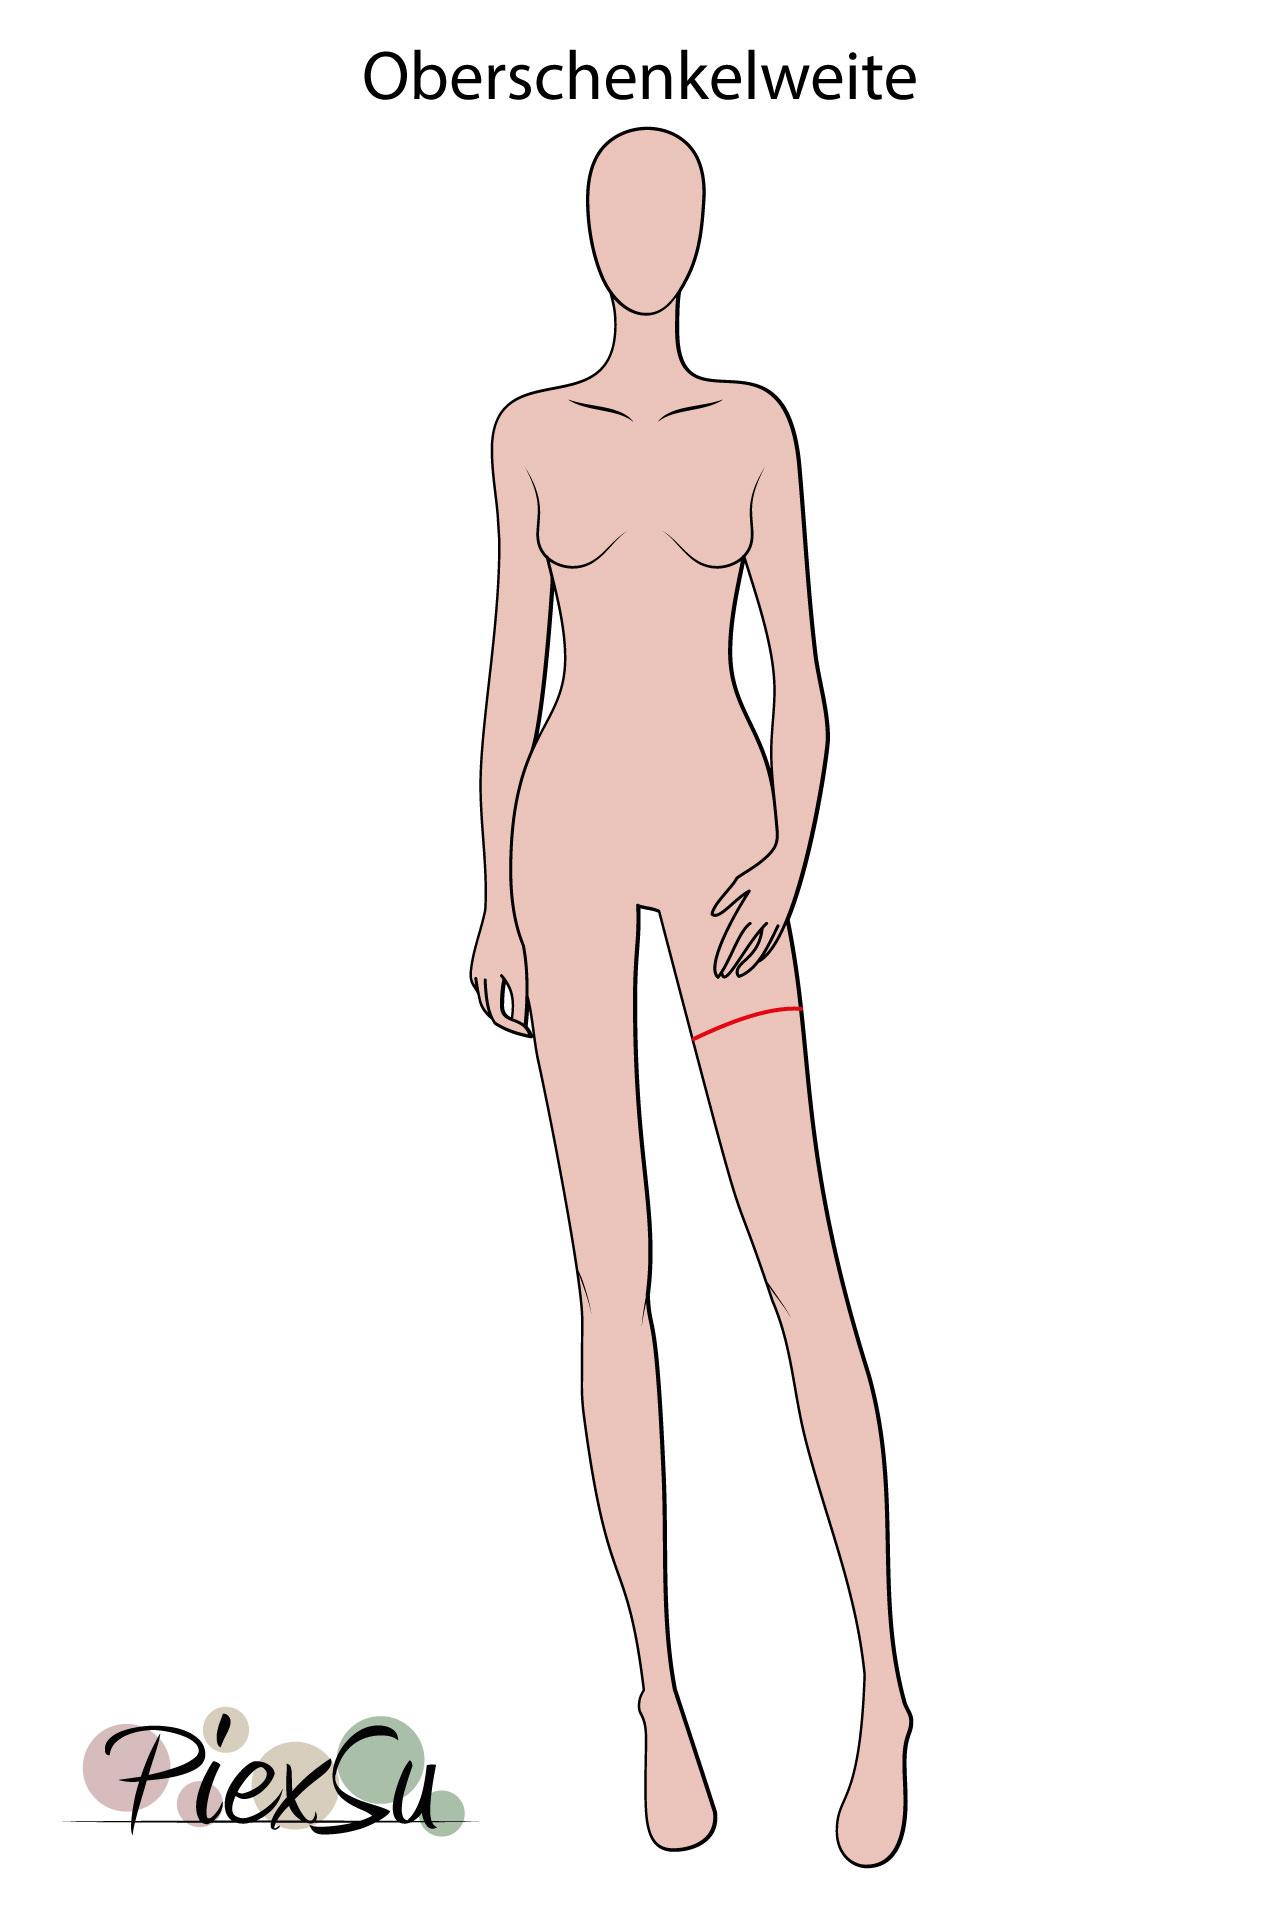 PiexSu-richtig-Maßnehmen-Maße-Schnittmuster-nähen-Schnittmuster-anpassen-messen-Maßband-Oberschenkelumfang-Oberschenkelweite